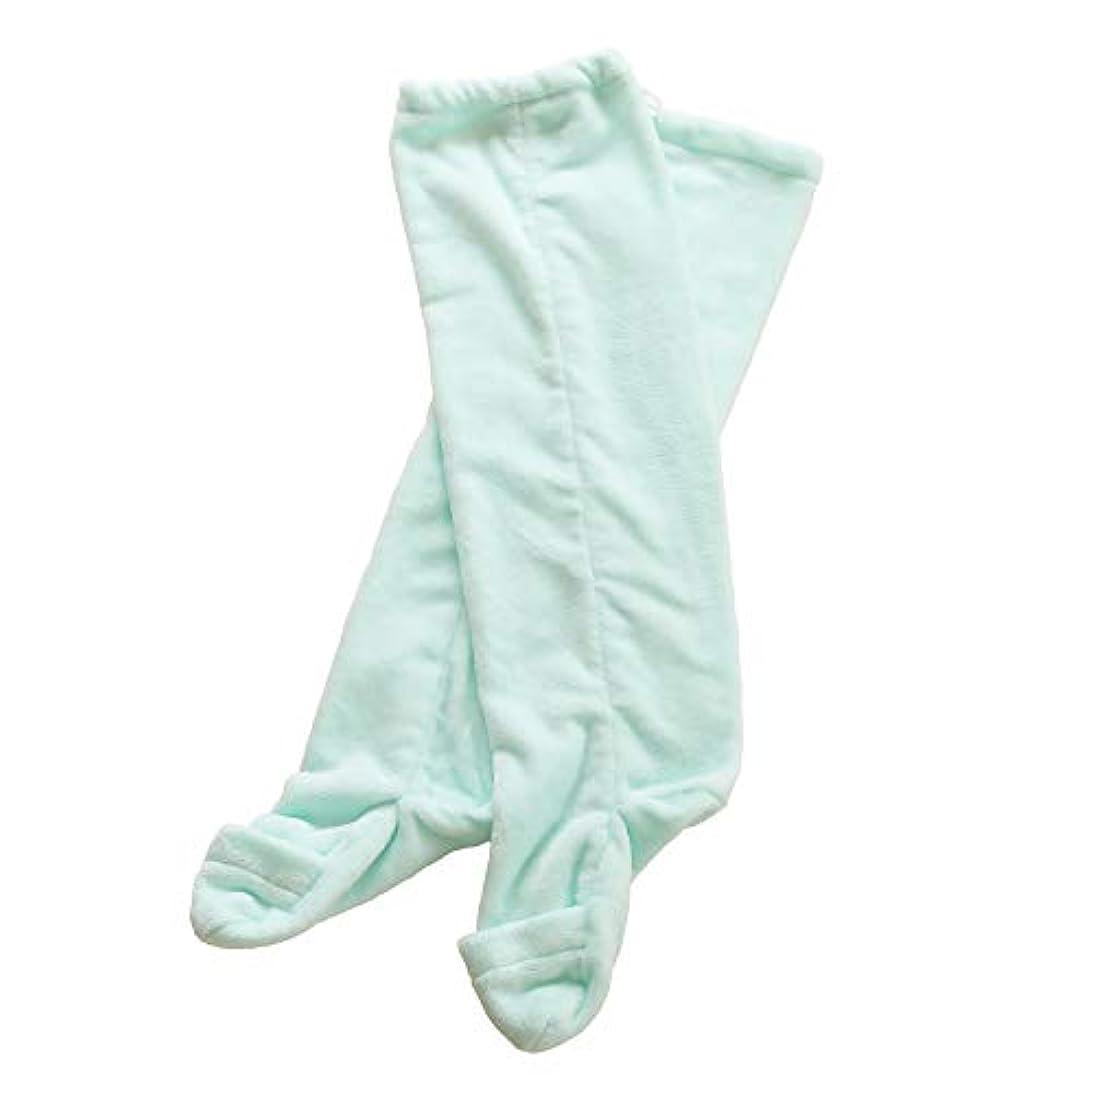 船形力ボアあったか ルームソックス 極暖 足が出せるロングカバー レッグウォーマー 冷え取り靴下 履く毛布